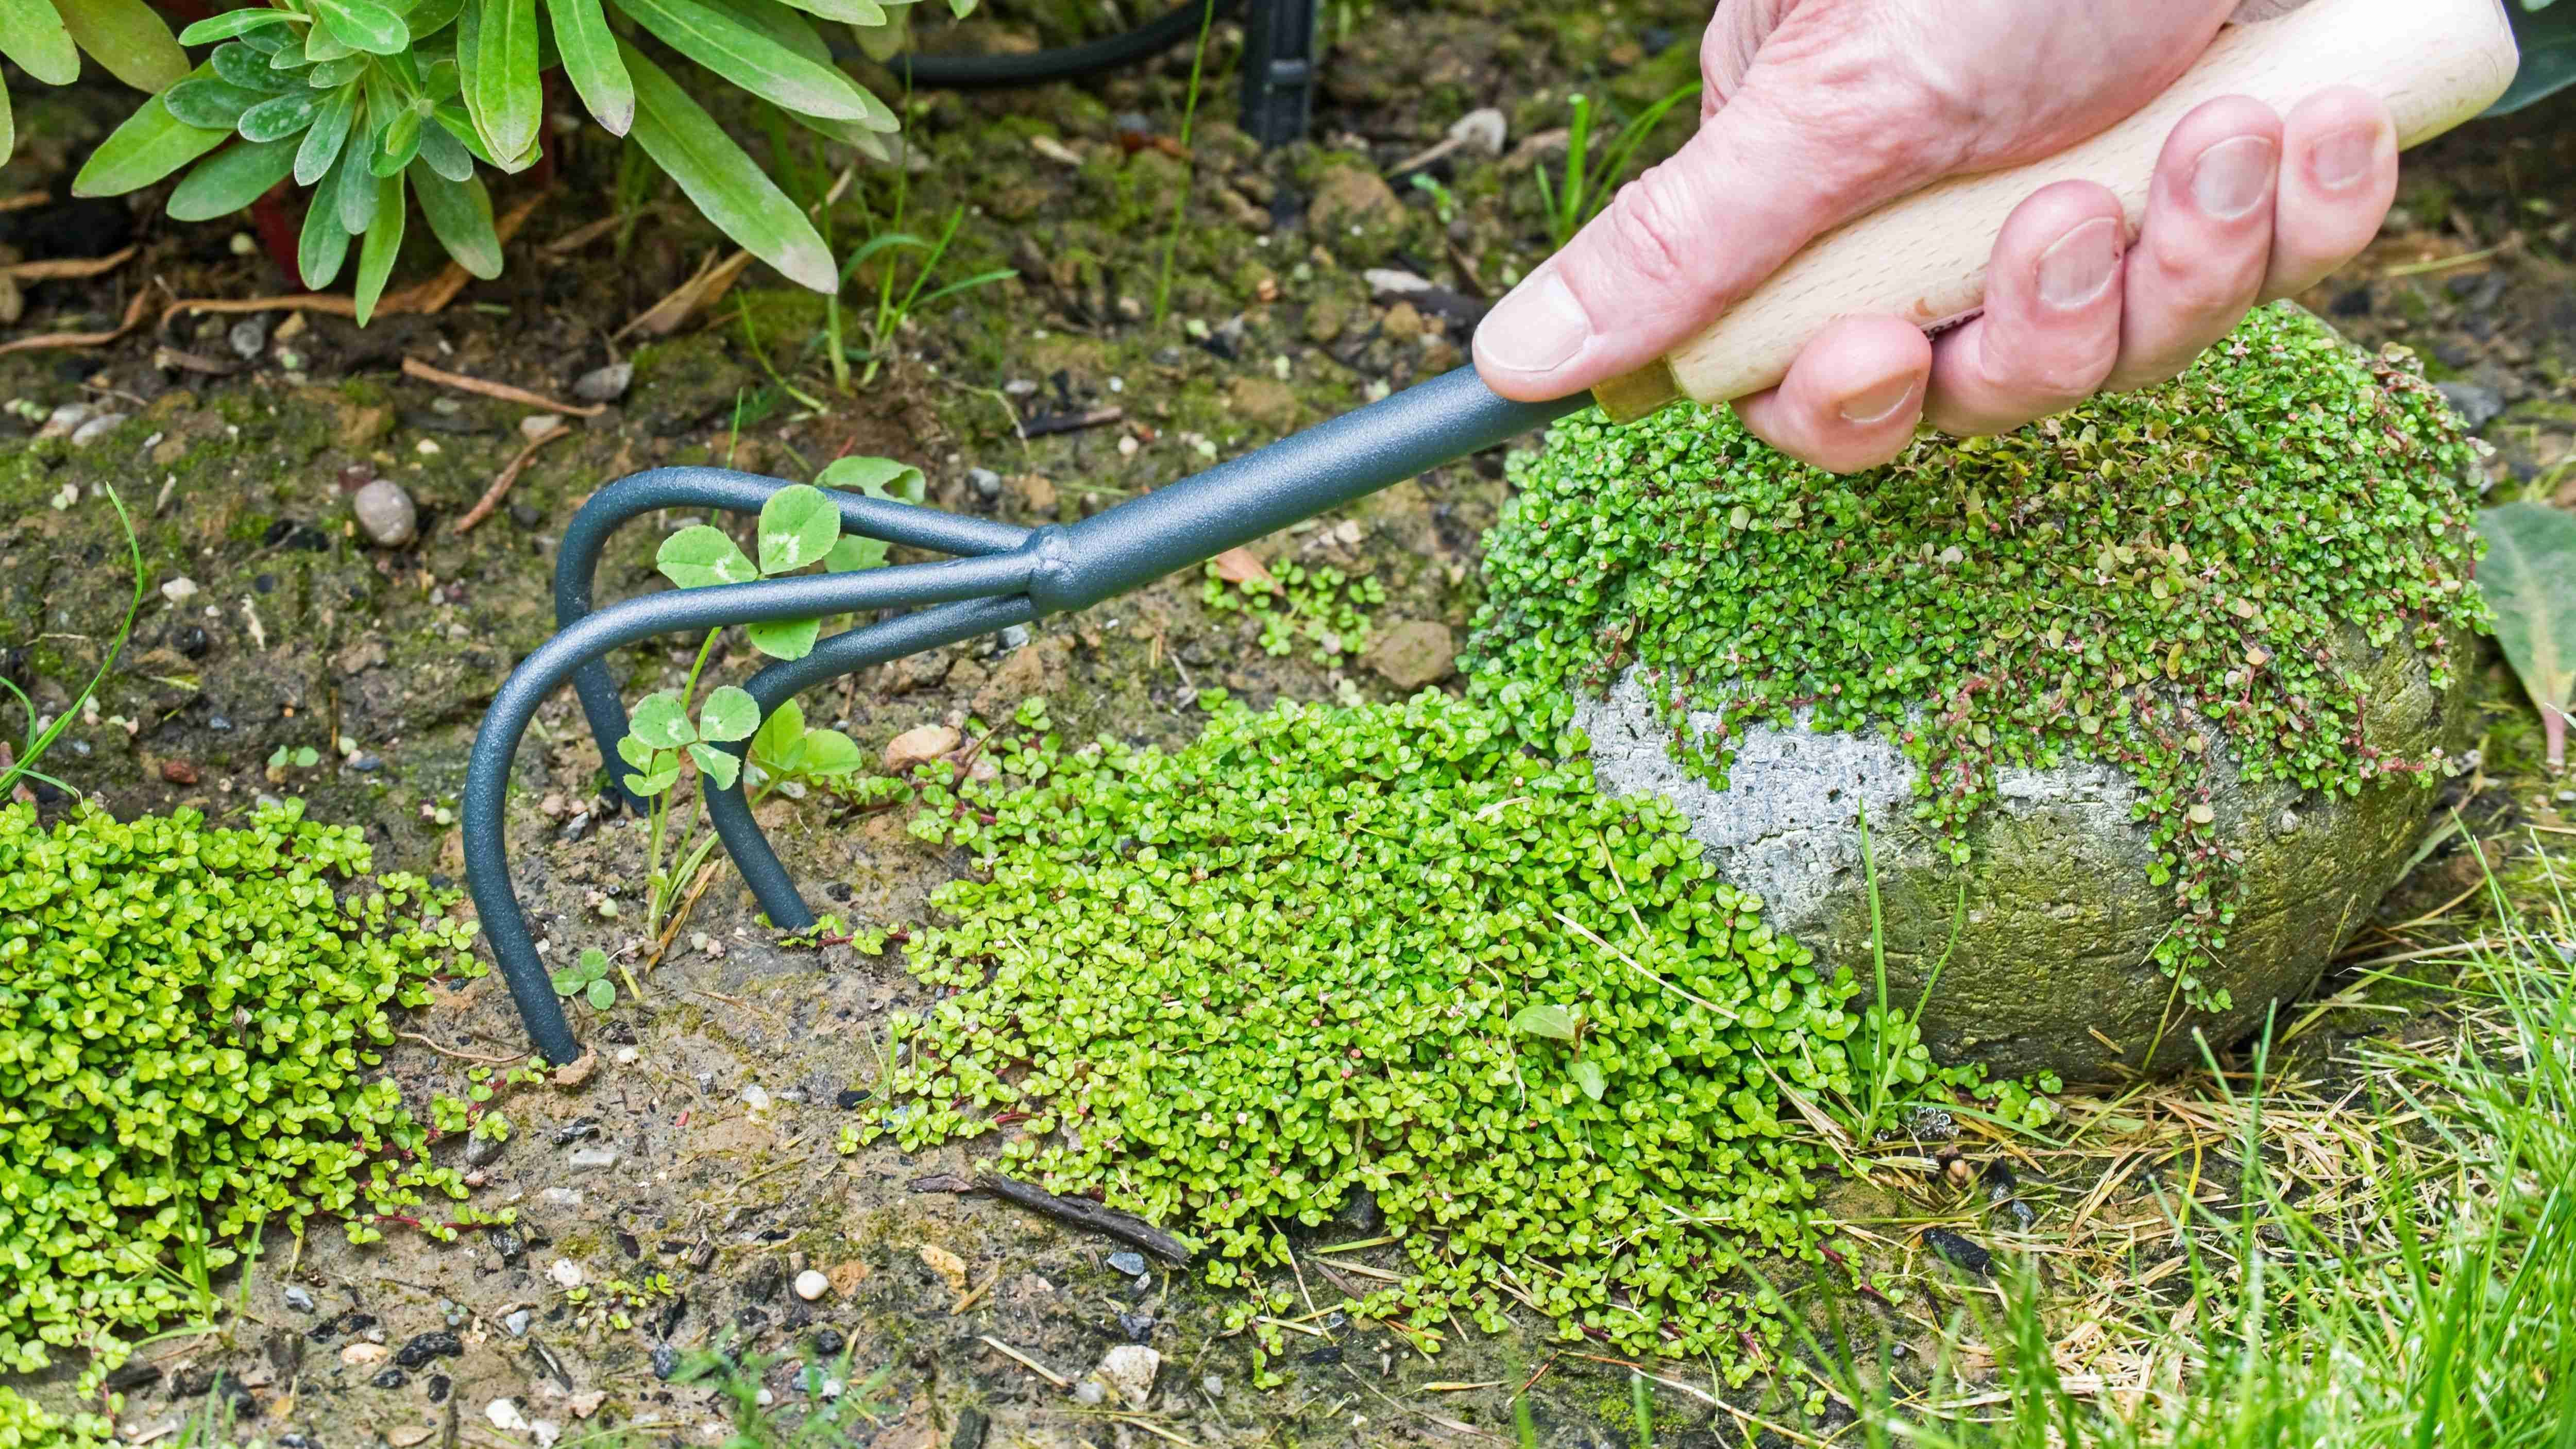 Soil-loosening tools buying guide